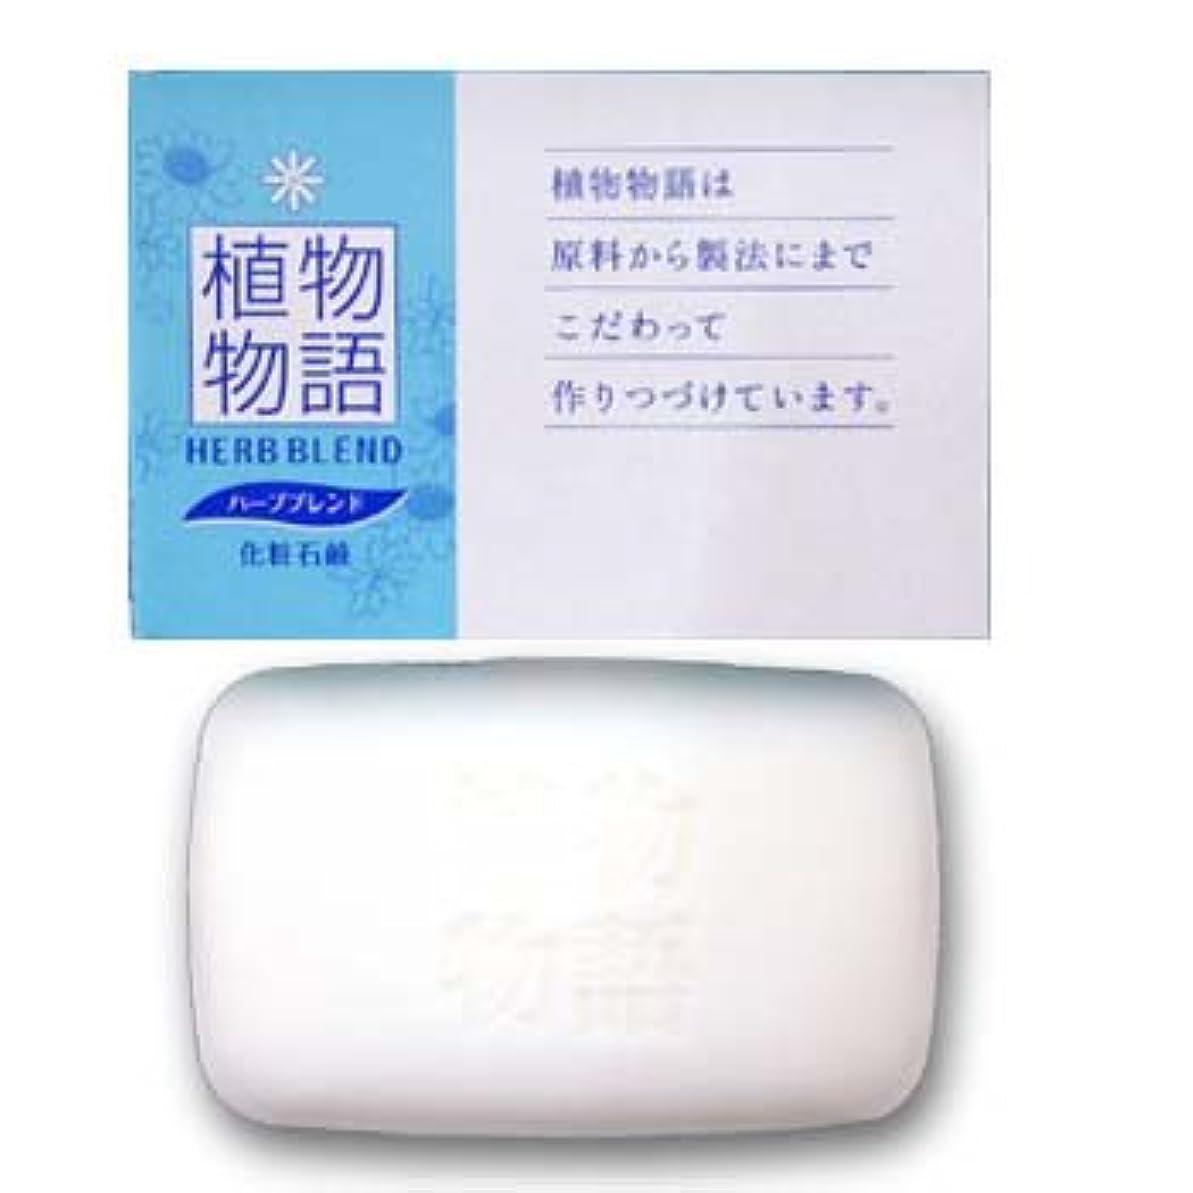 庭園オアシス北米LION 植物物語石鹸80g化粧箱入(1セット100個入)